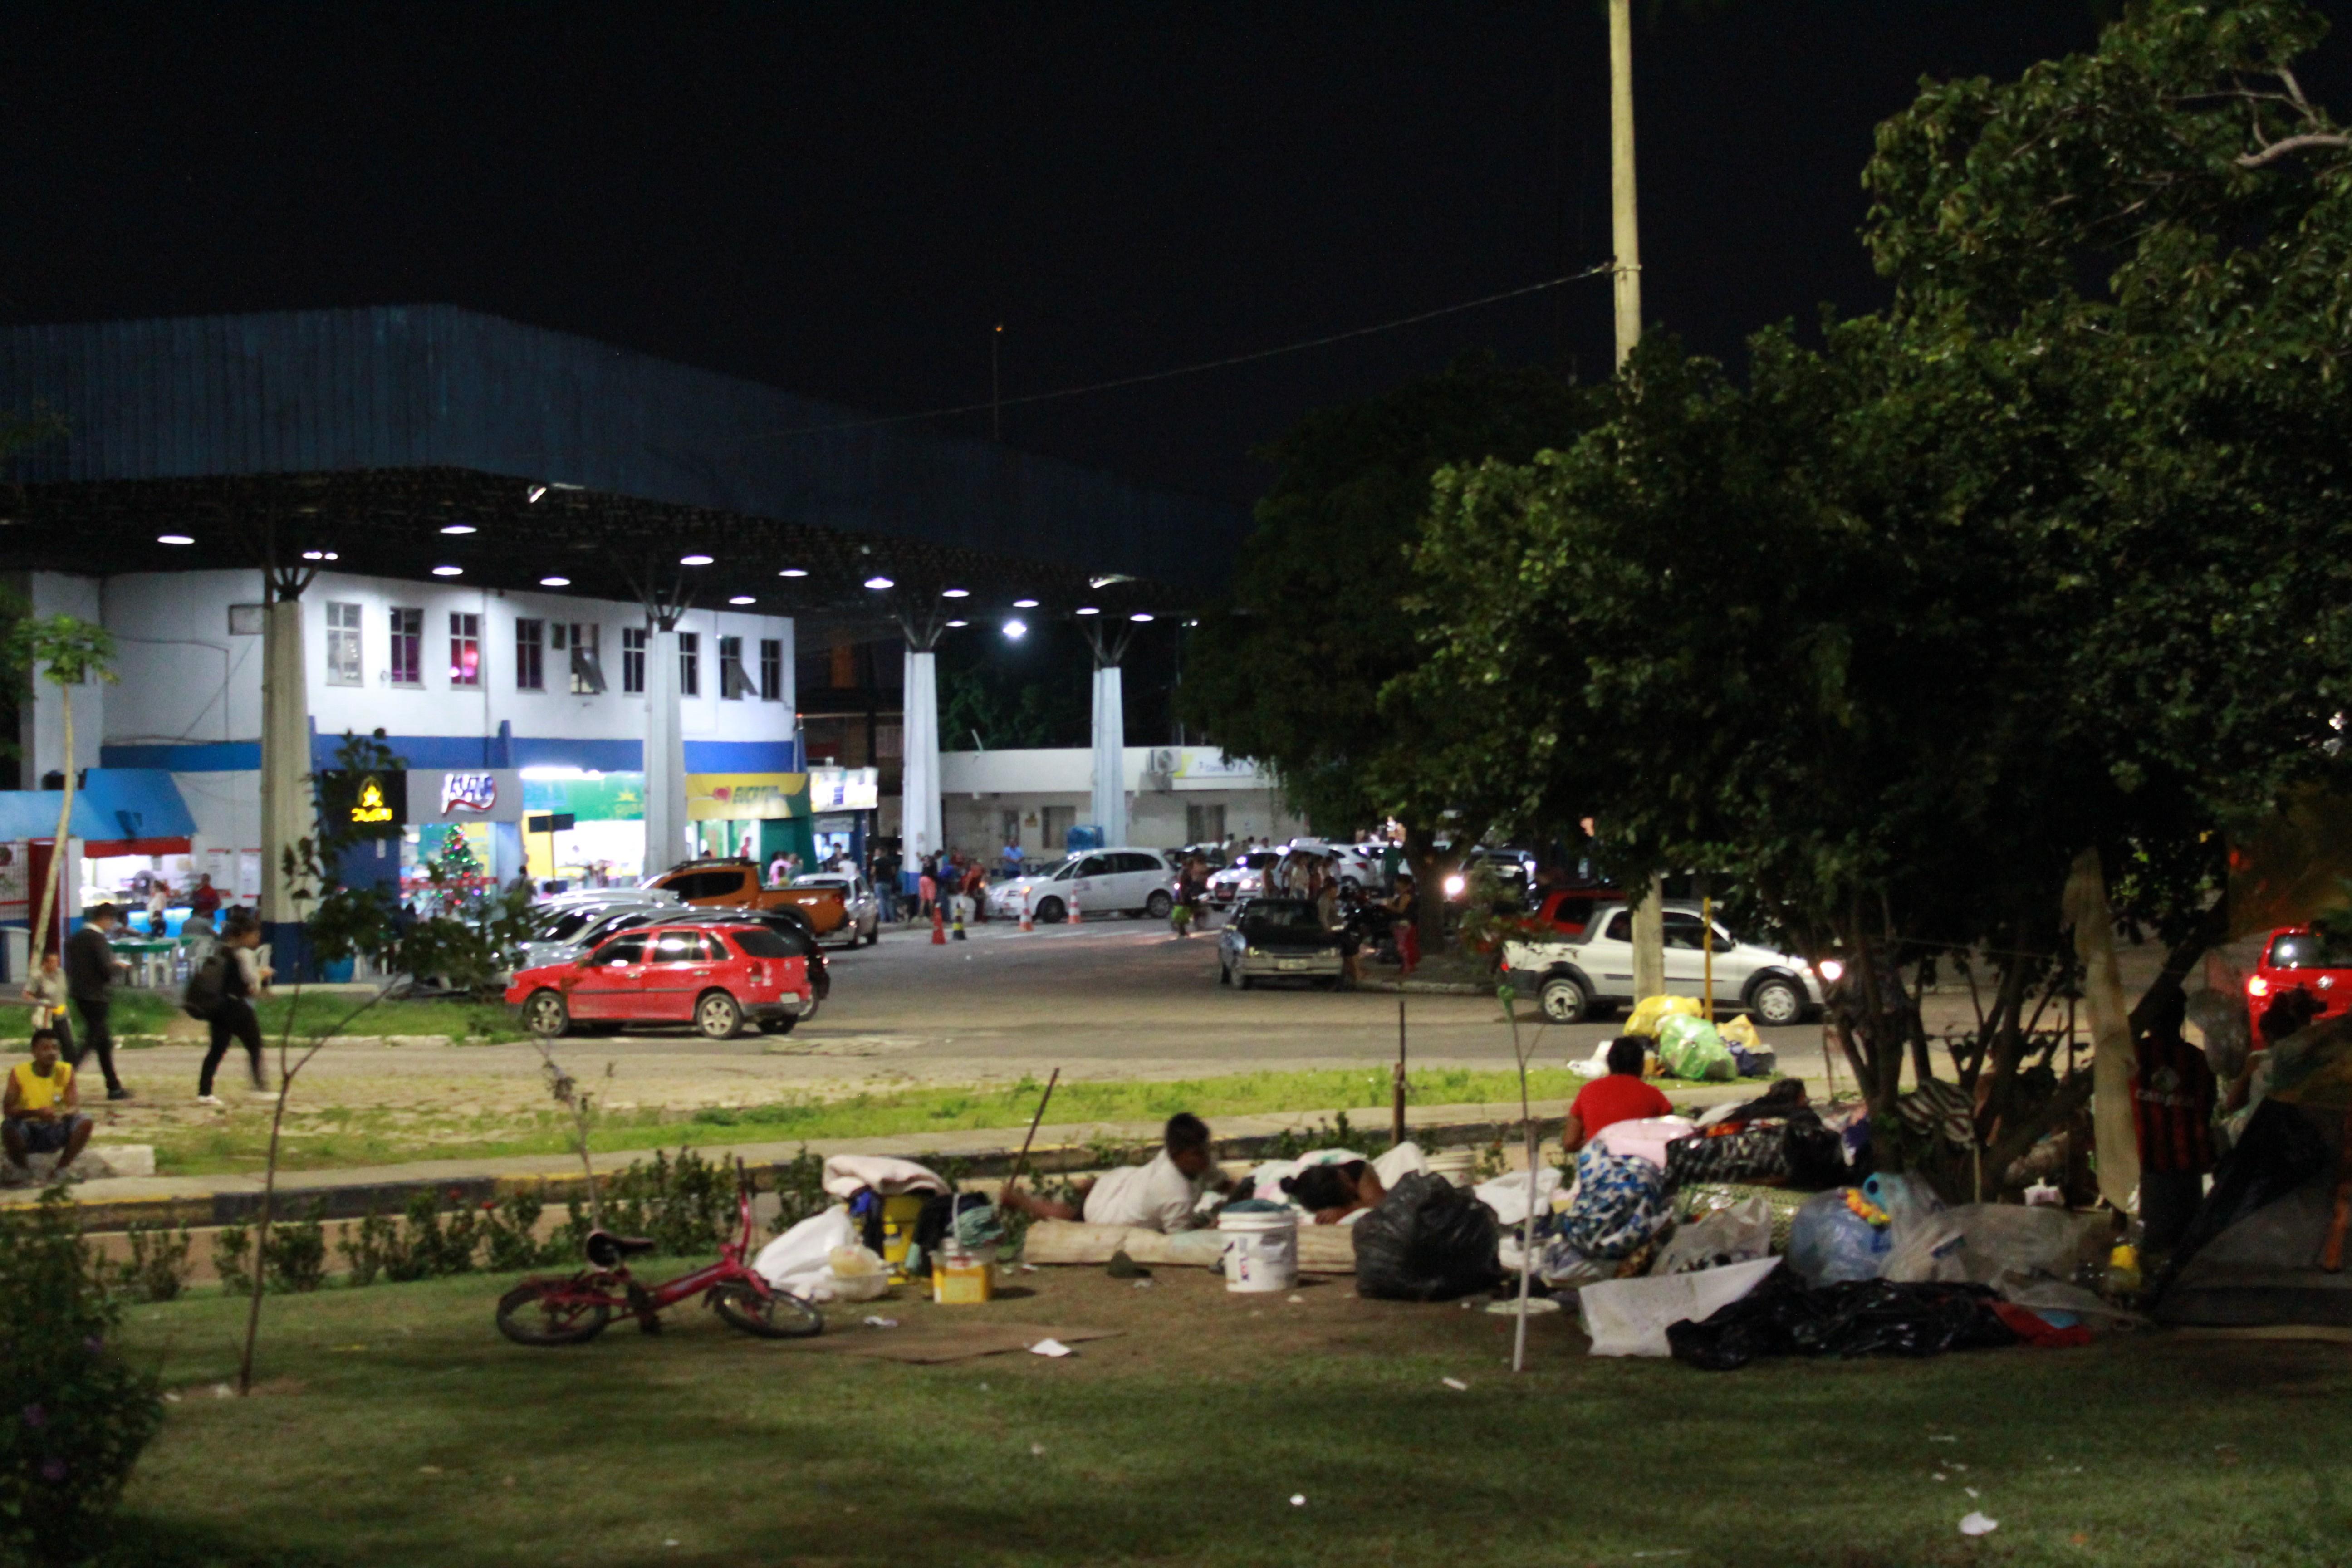 Venezuelanos se recusam a ir para abrigo em Manaus e pedem 'troca' por aluguel social, diz Sejusc - Noticias